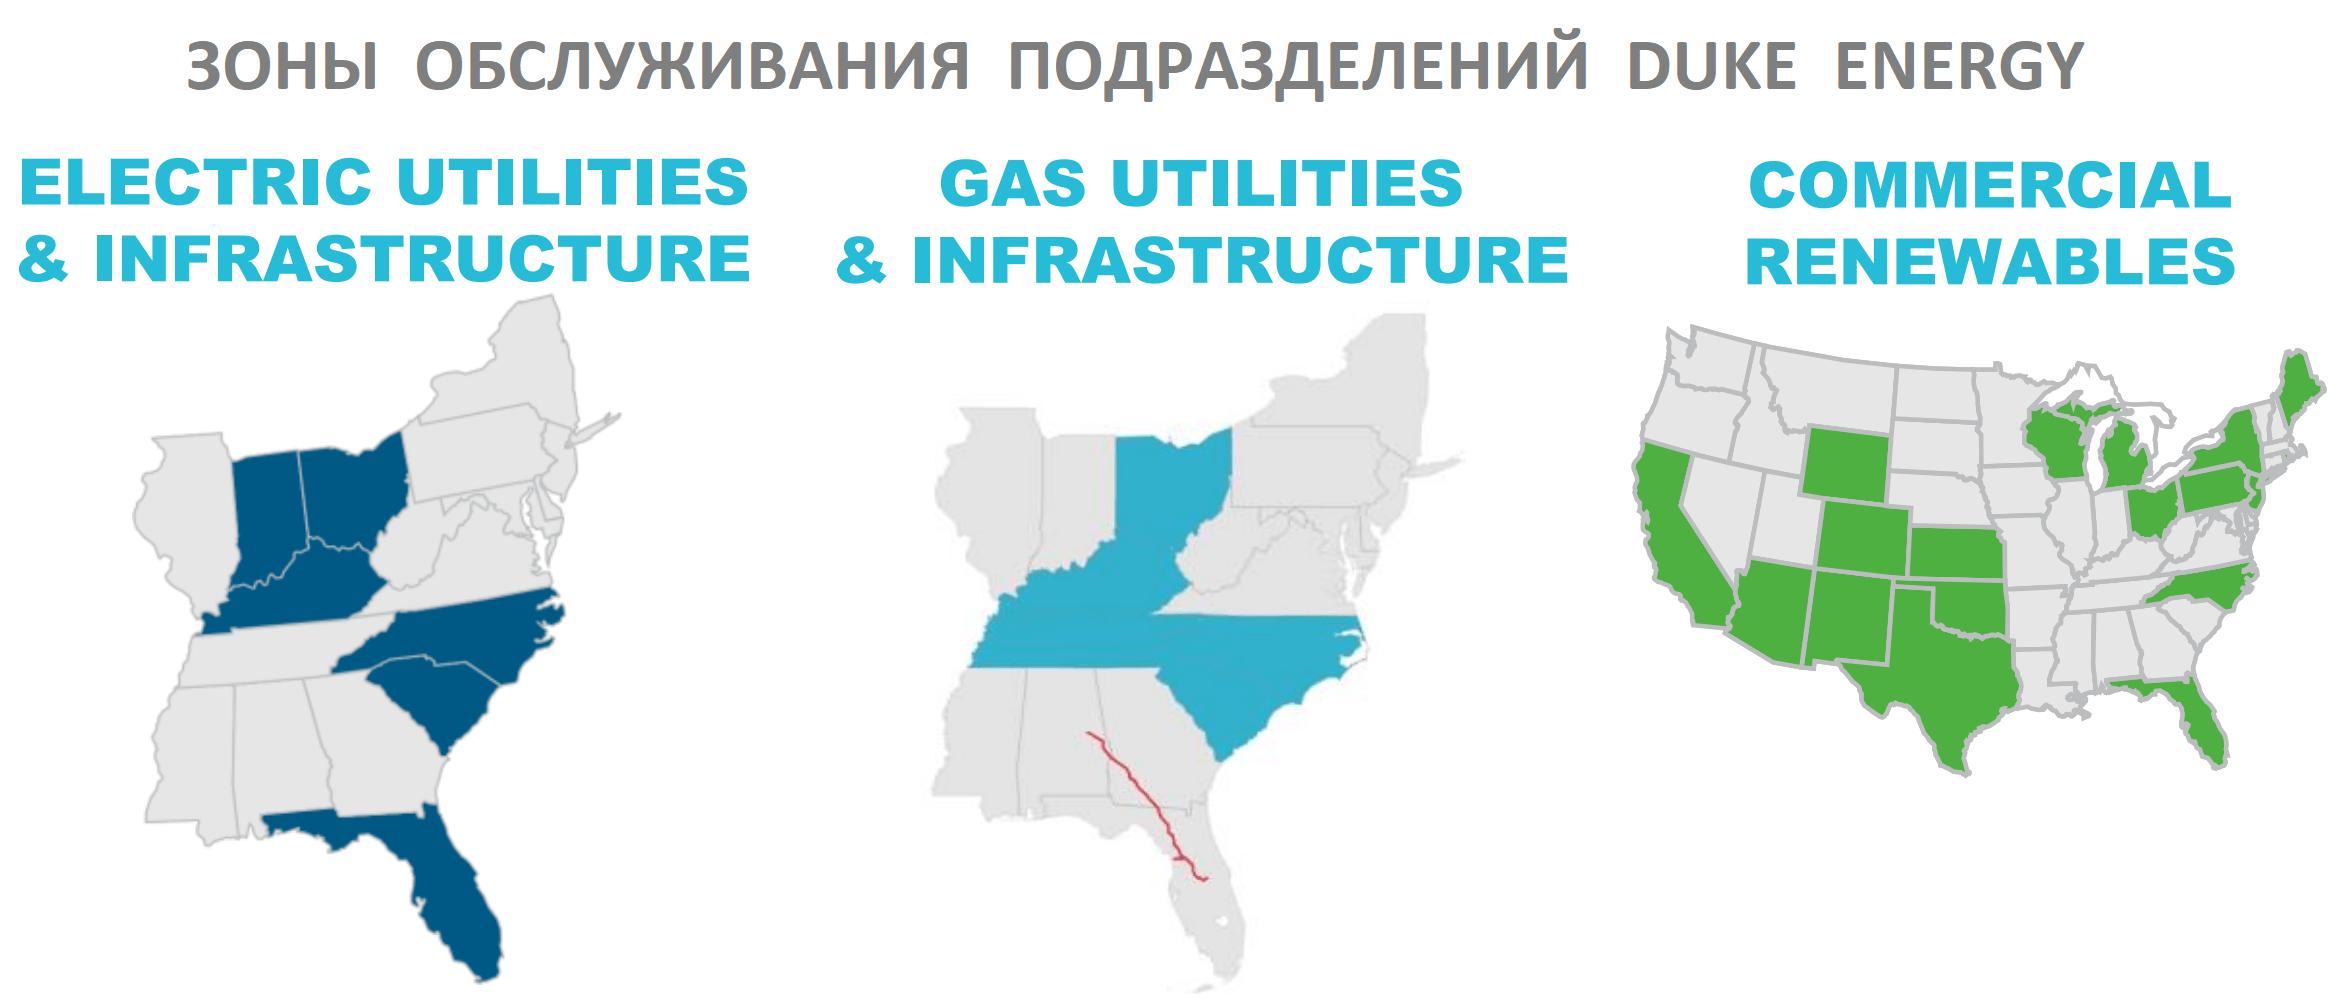 Зоны обслуживания подразделений Duke Energy